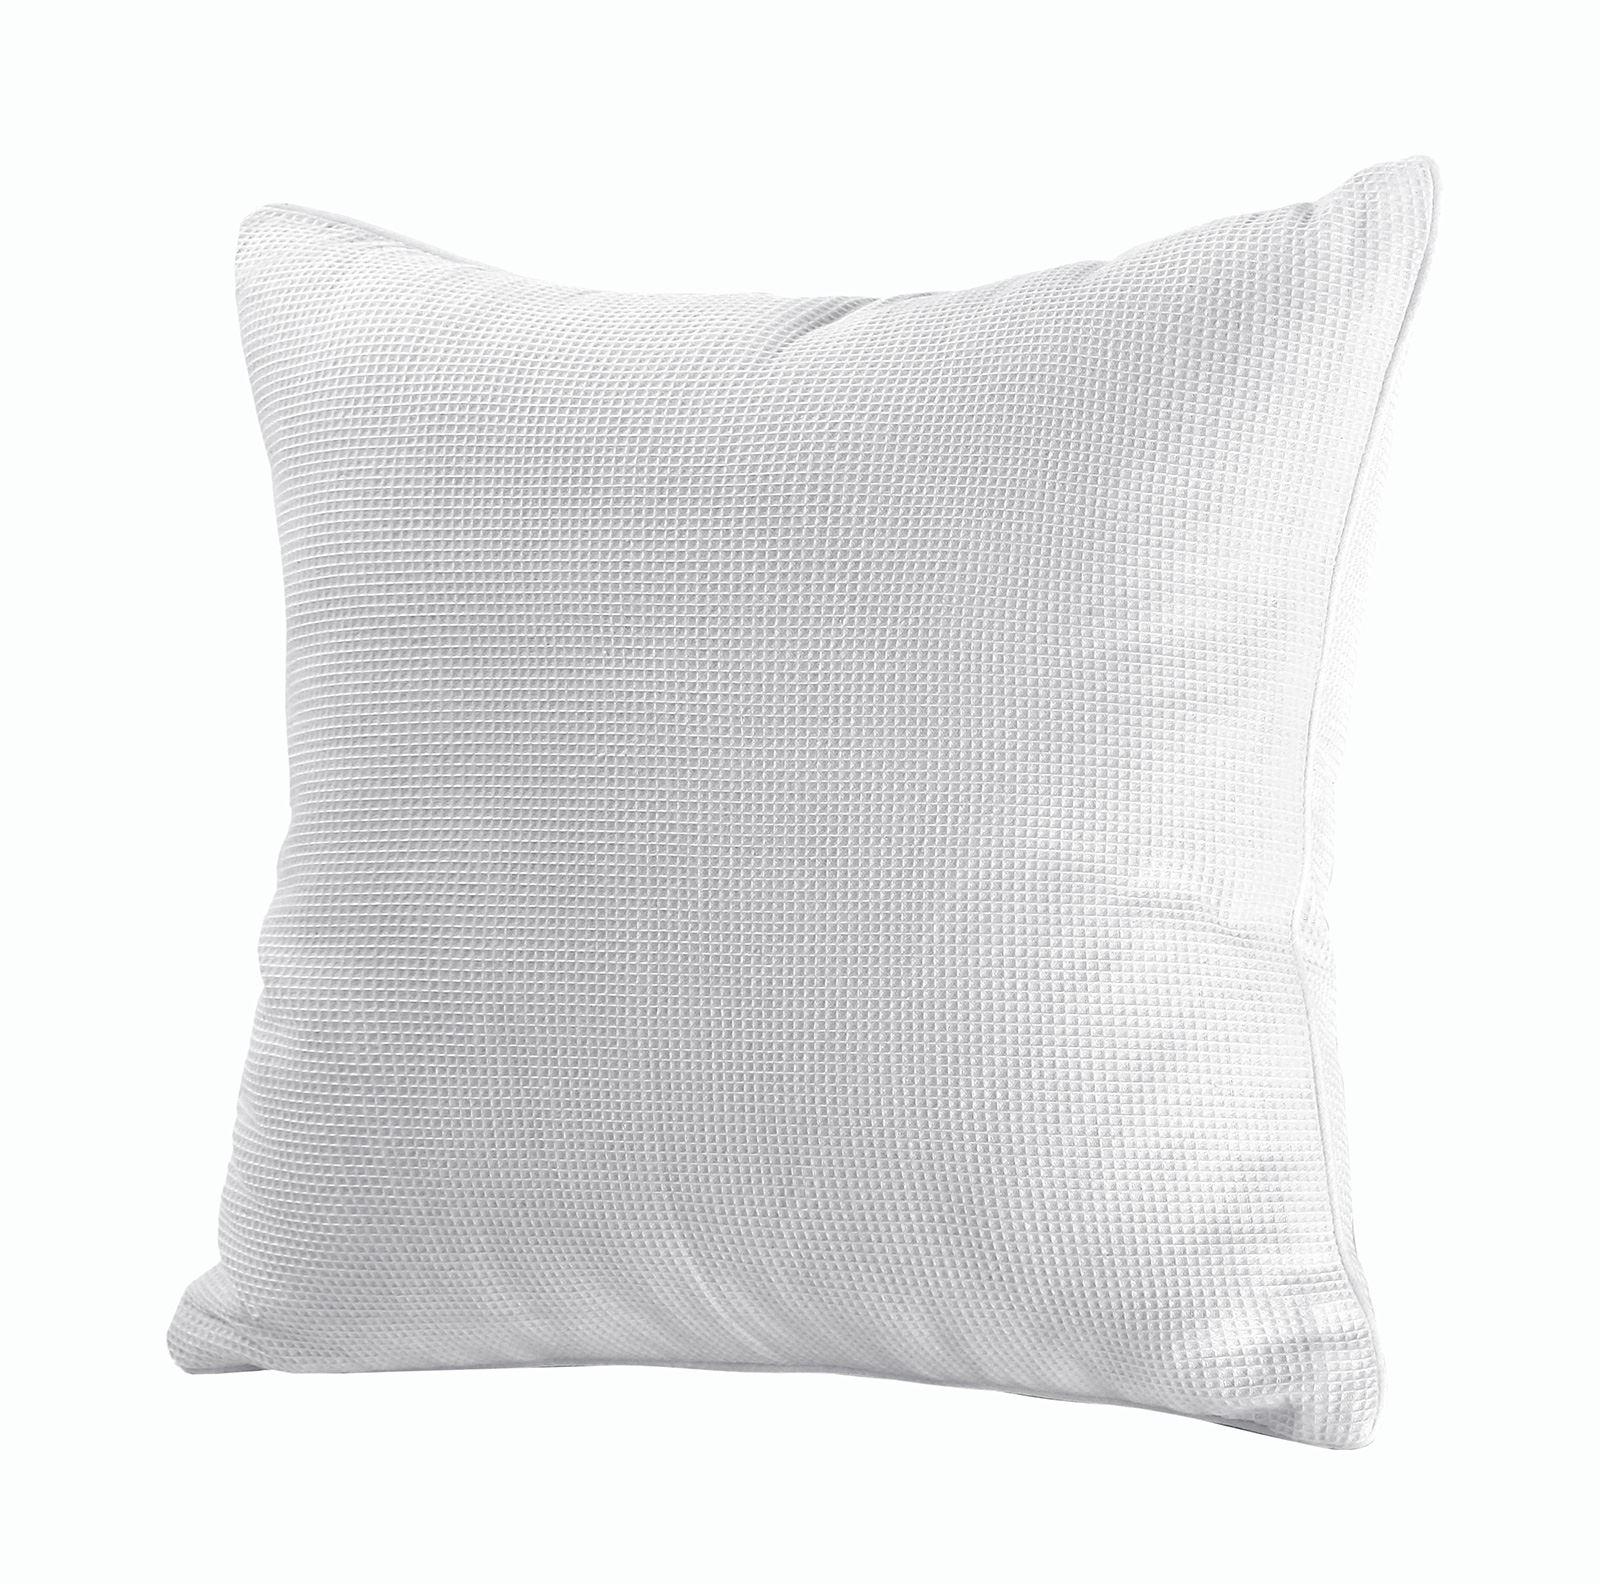 100-Algodon-Cuidado-facil-cubierta-del-edredon-edredon-multicolor-nuevo-conjunto-de-ropa-de-cama miniatura 25